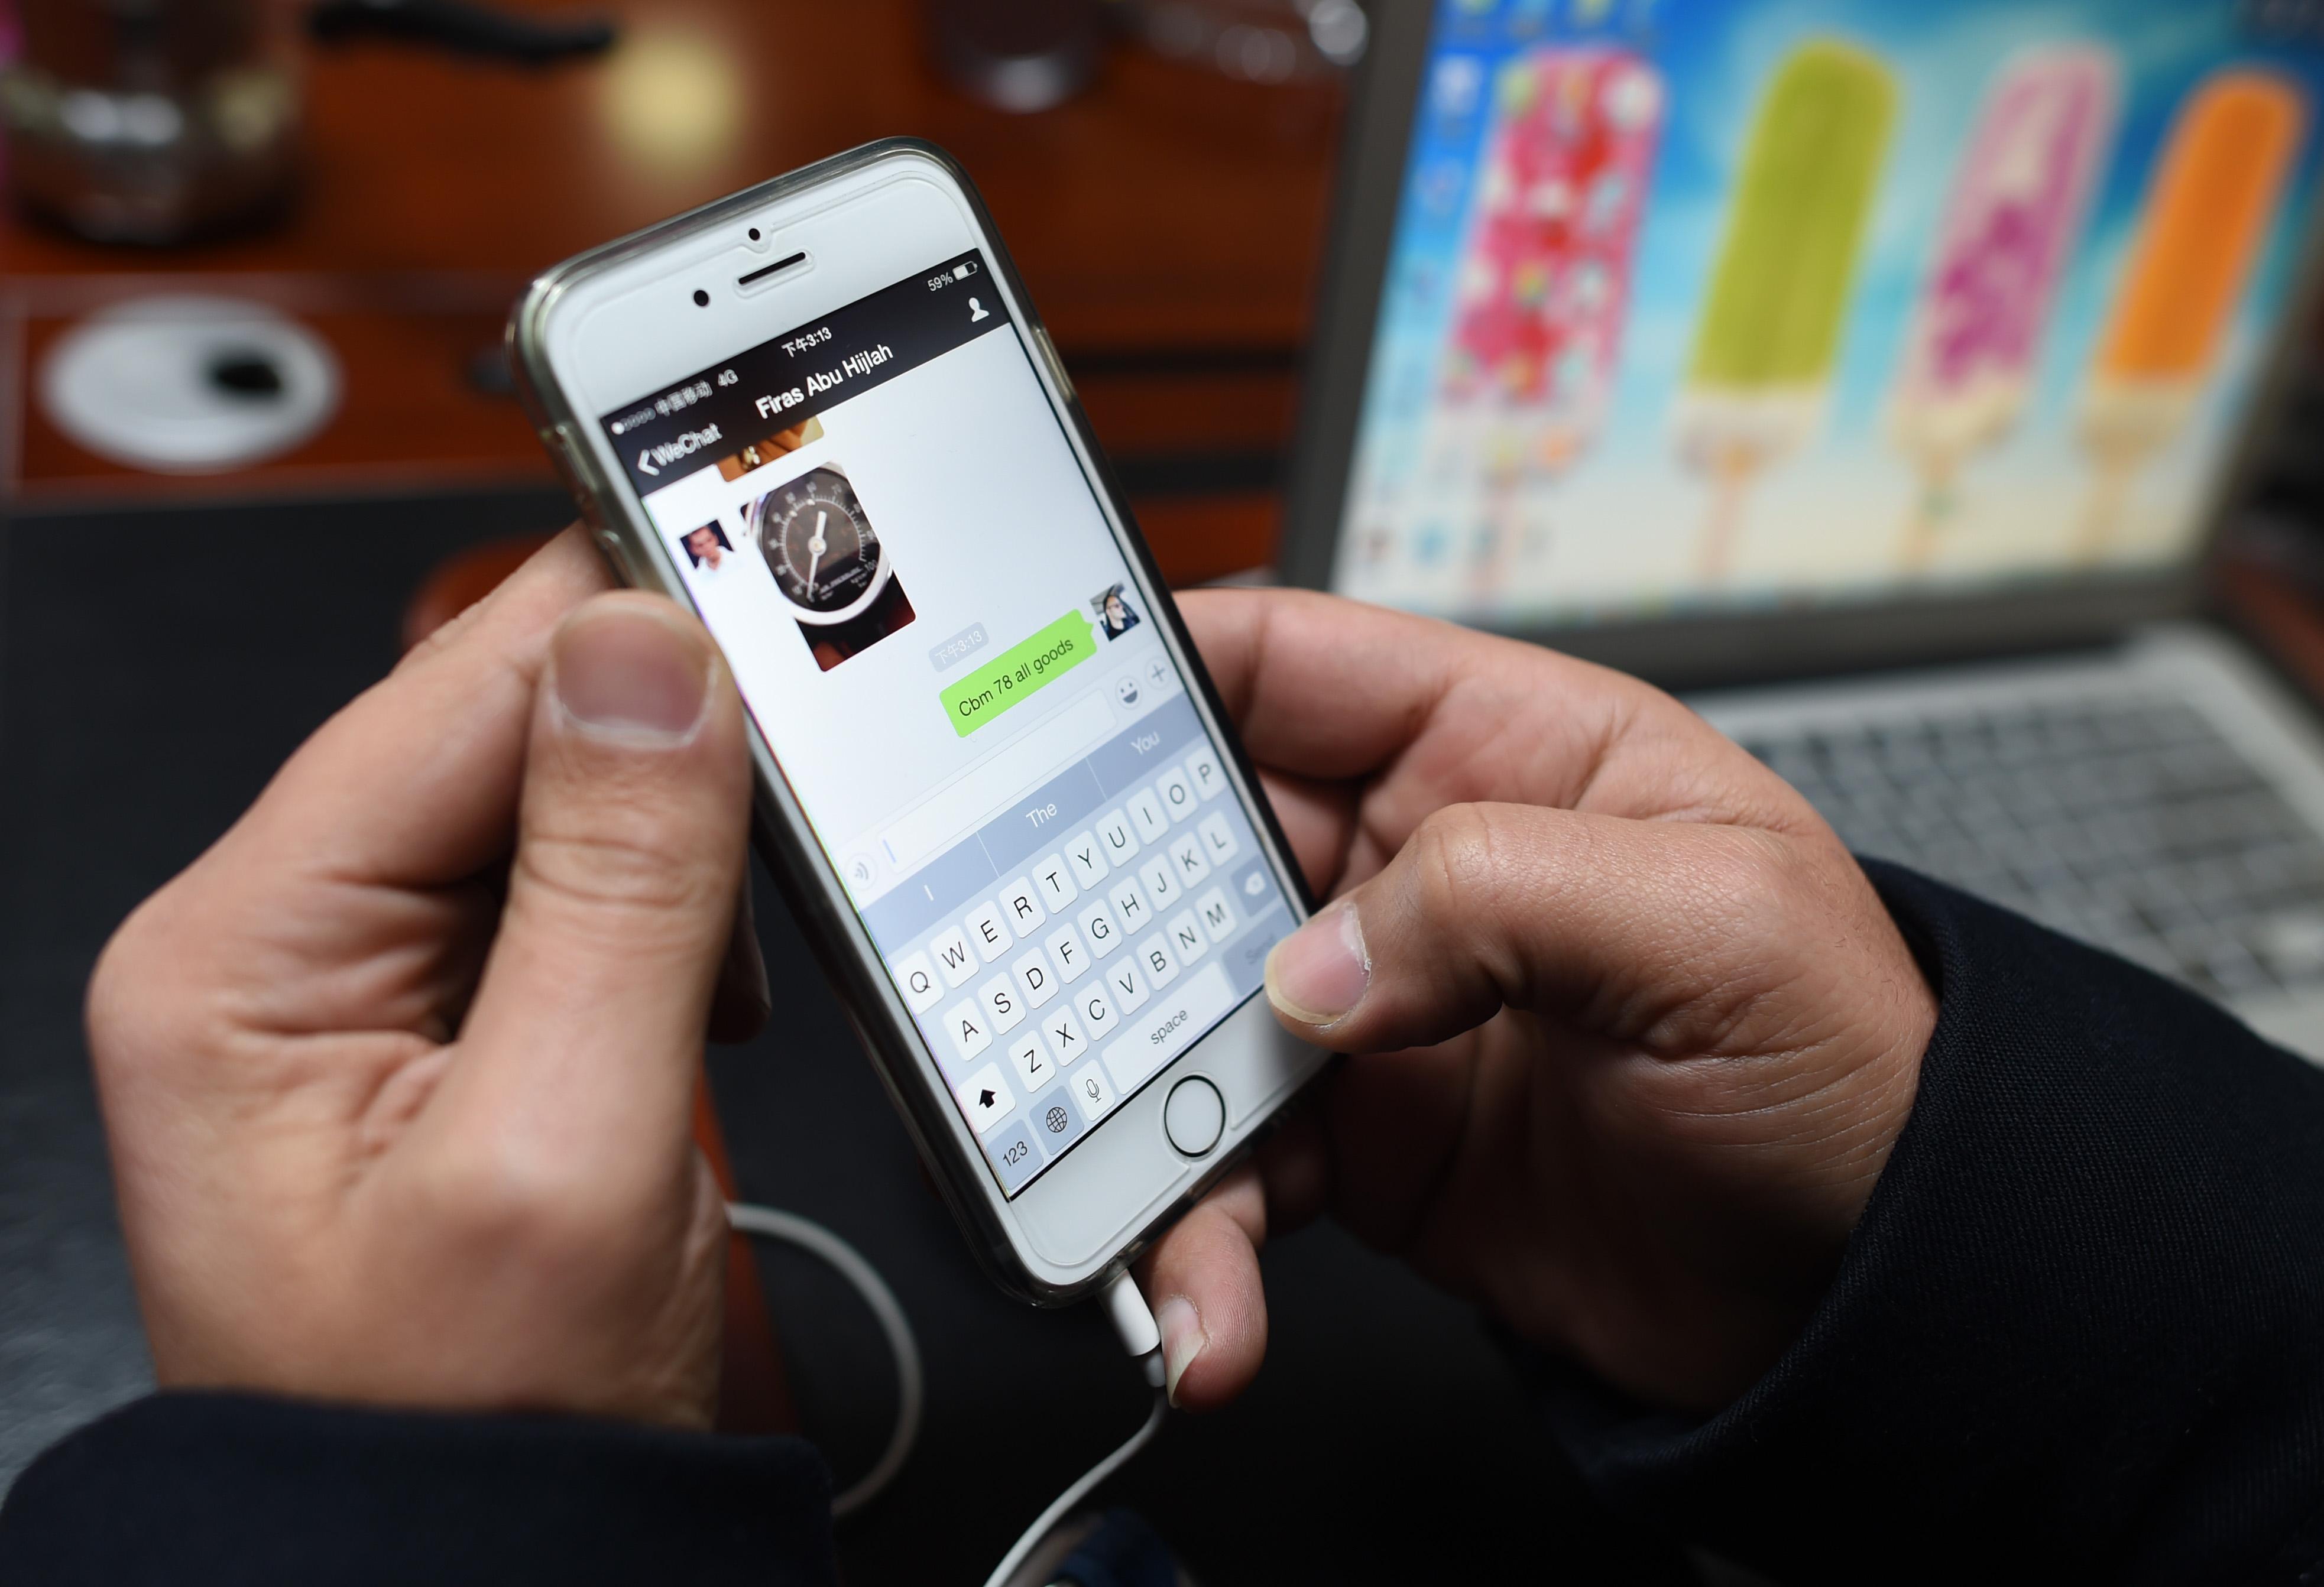 Крупнейший мобильный оператор страны объявил о профилактических работах: клиенты не смогут пополнять счет и звонить из роуминга